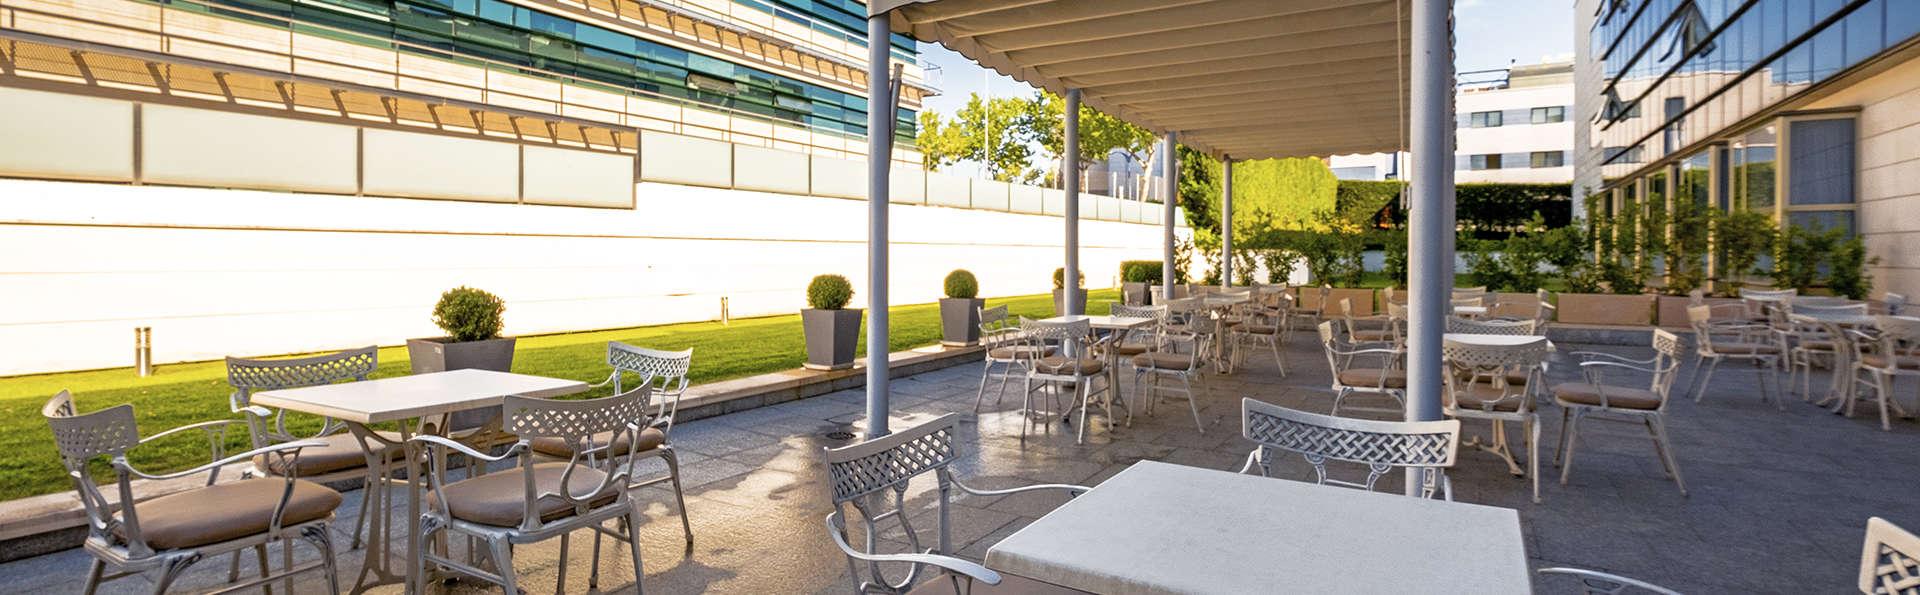 Gran Hotel Attica21 las Rozas - EDIT_TERRACE_2.jpg